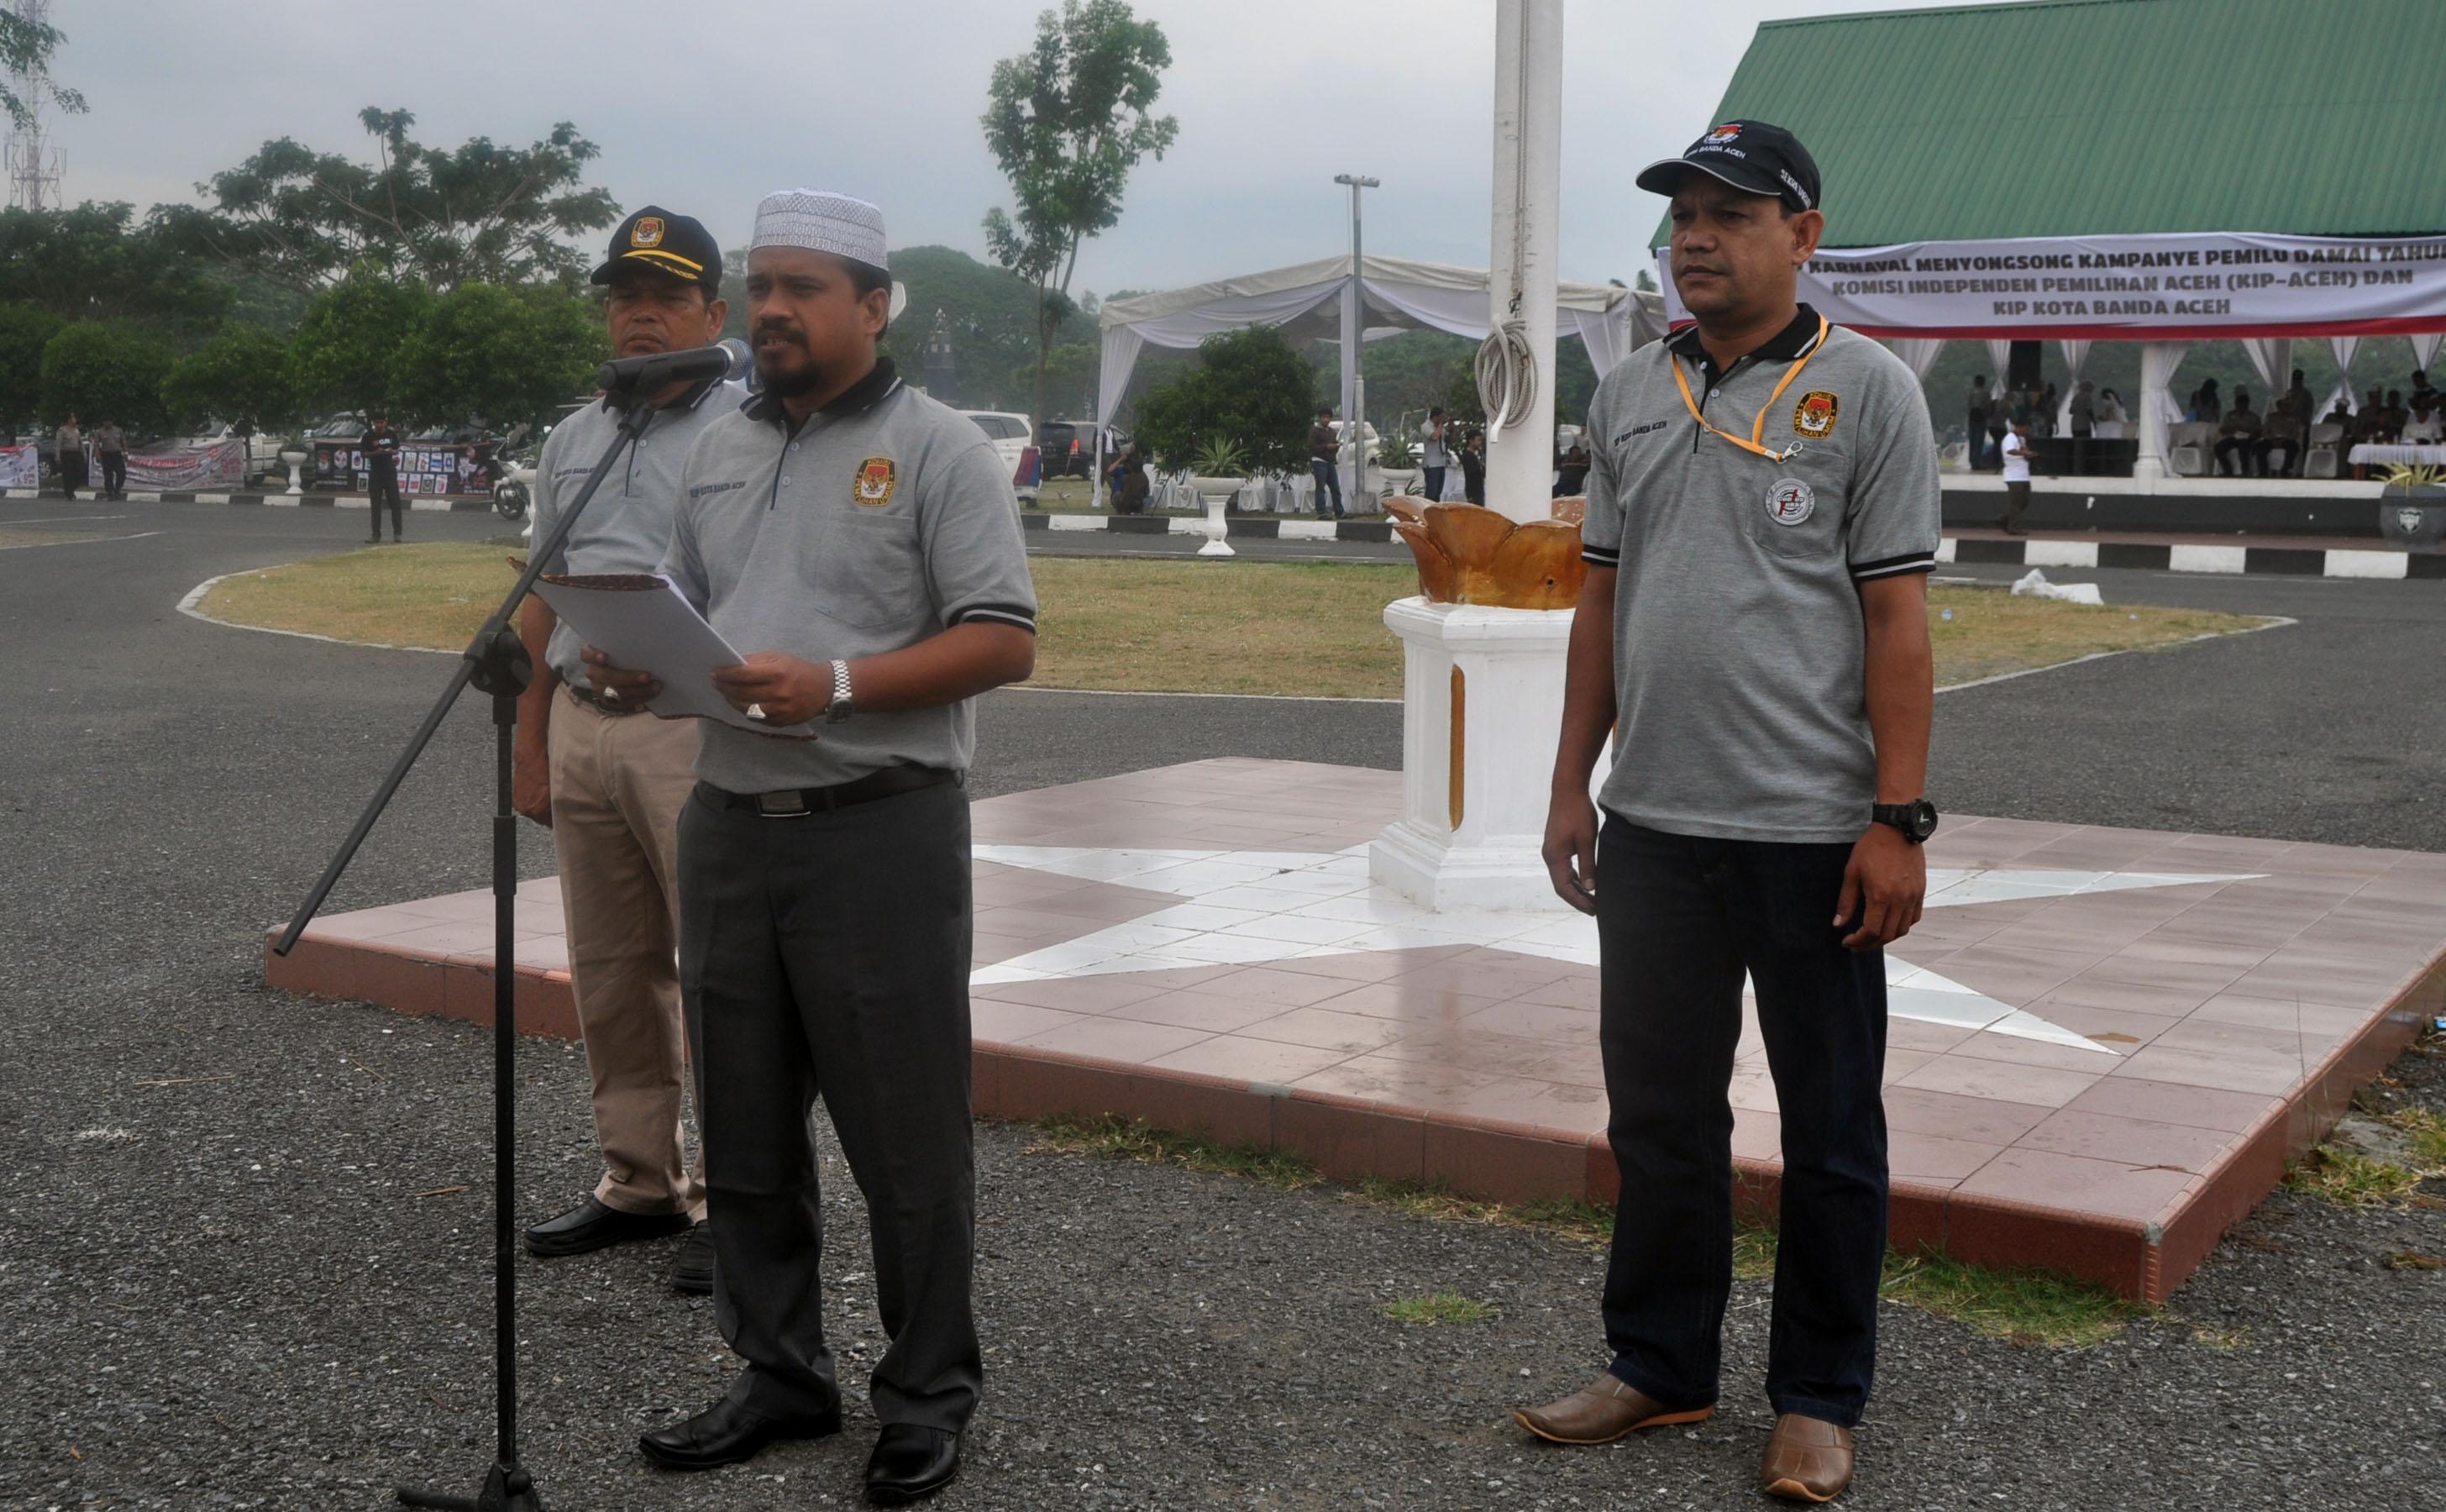 Komisi Independen Pemilihan Kota Banda Aceh Kirab Karnaval Tandai Ketua